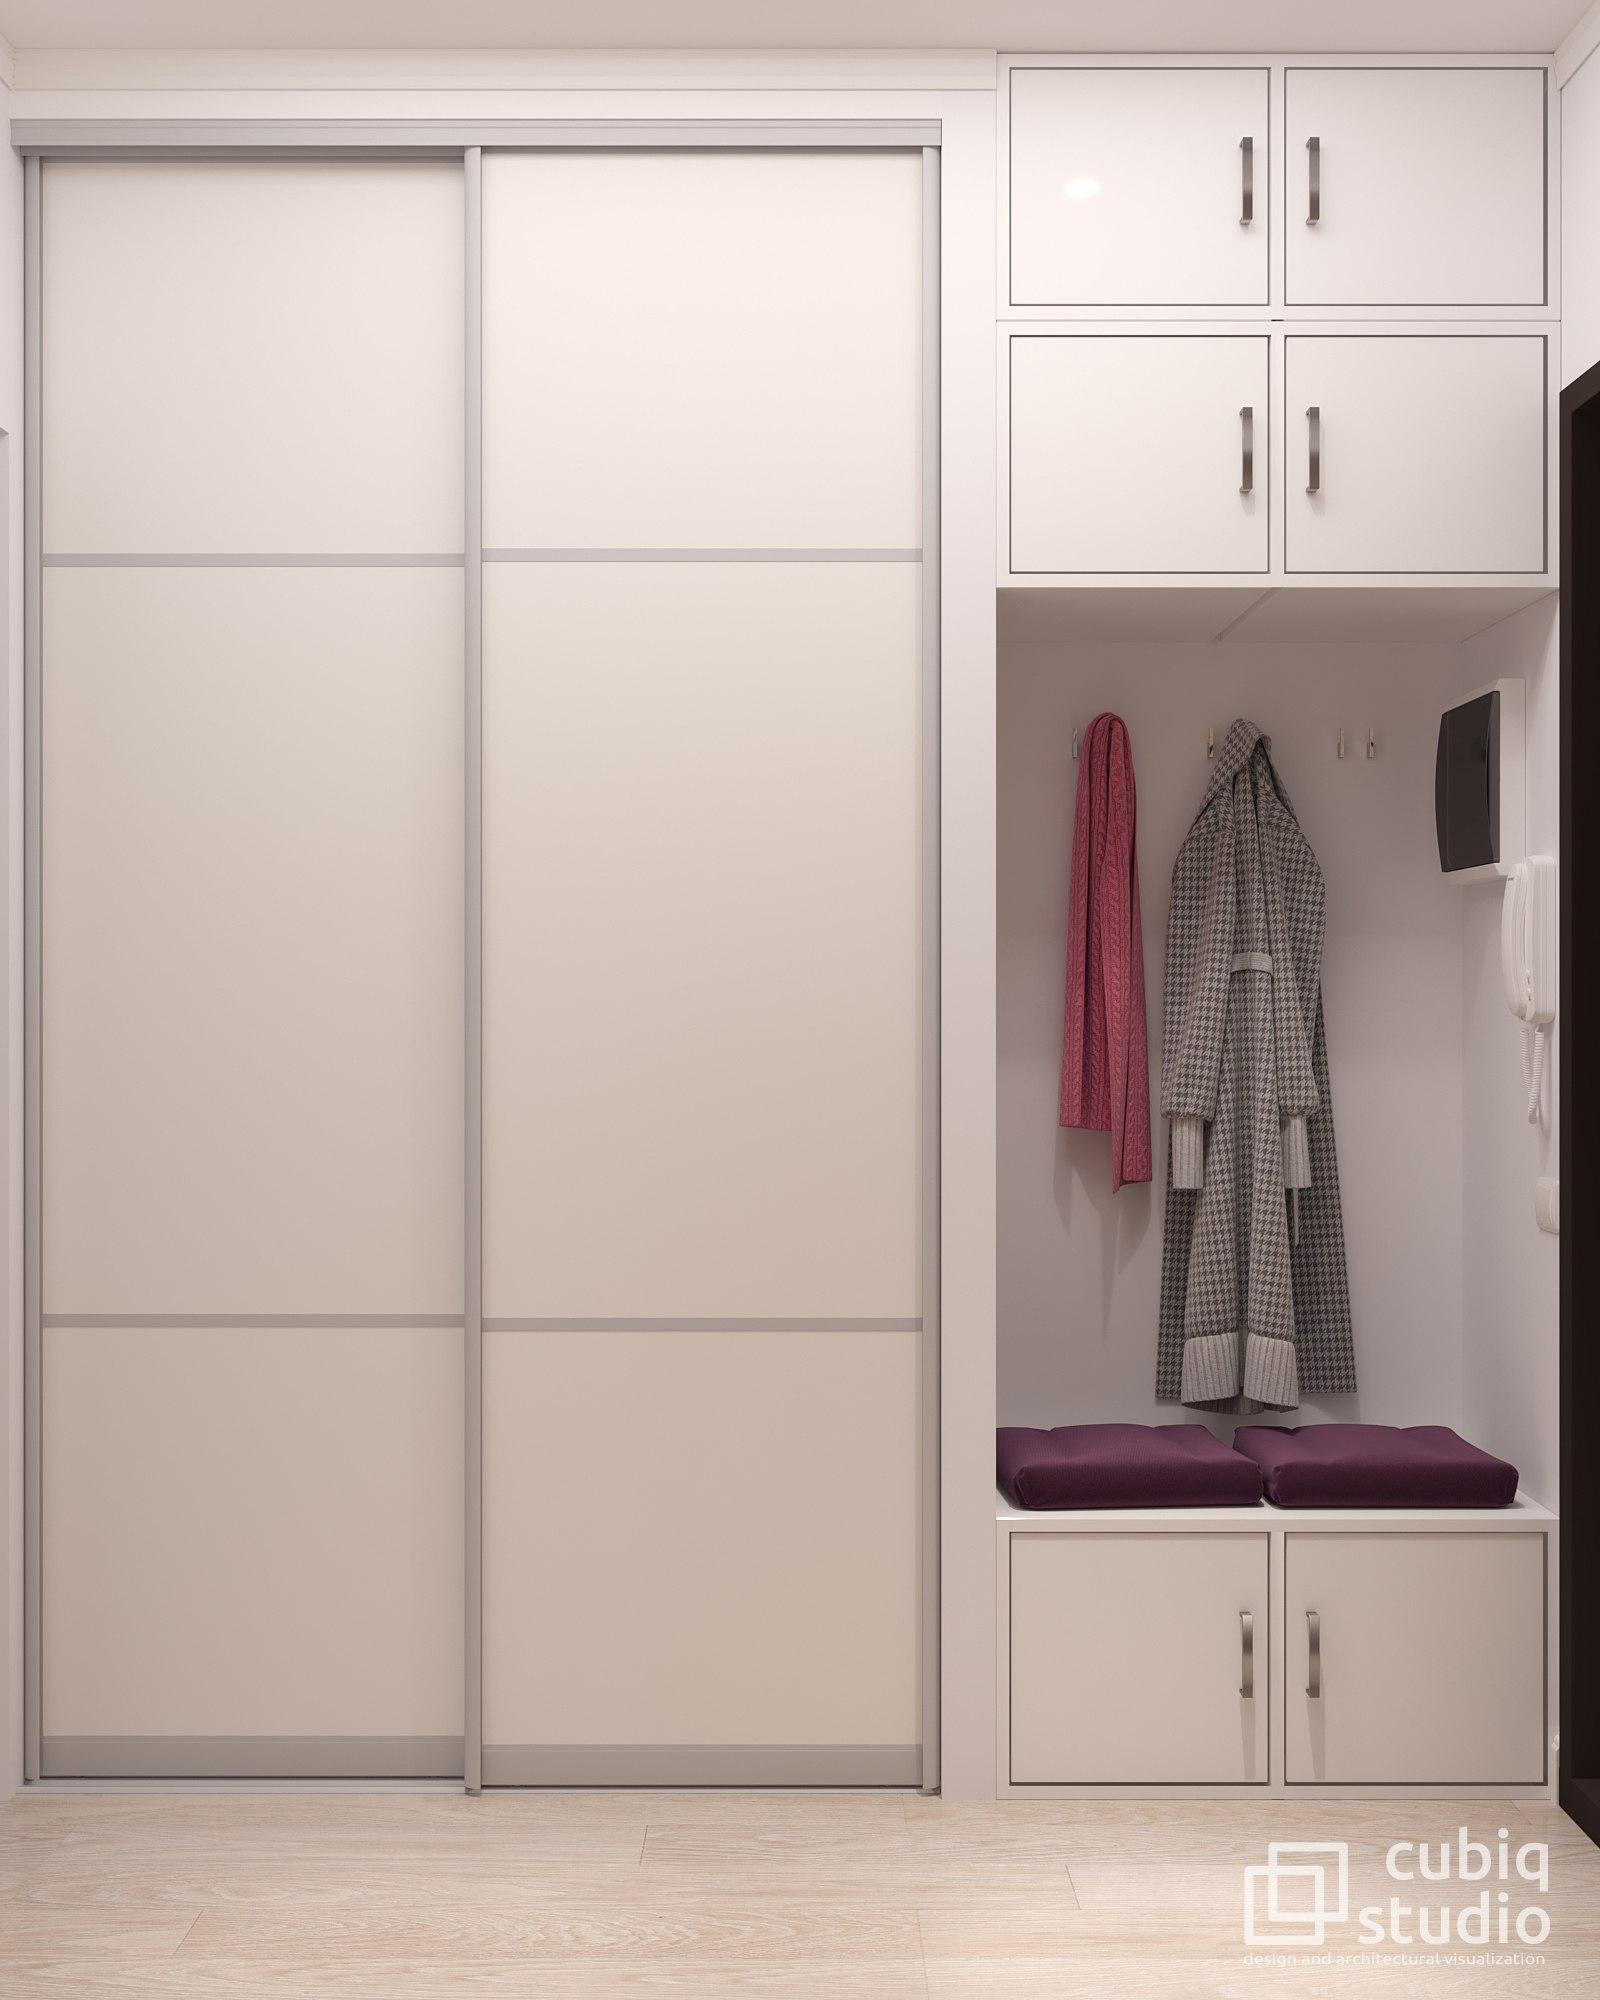 Проект квартиры студии 28 кв м для девушки.